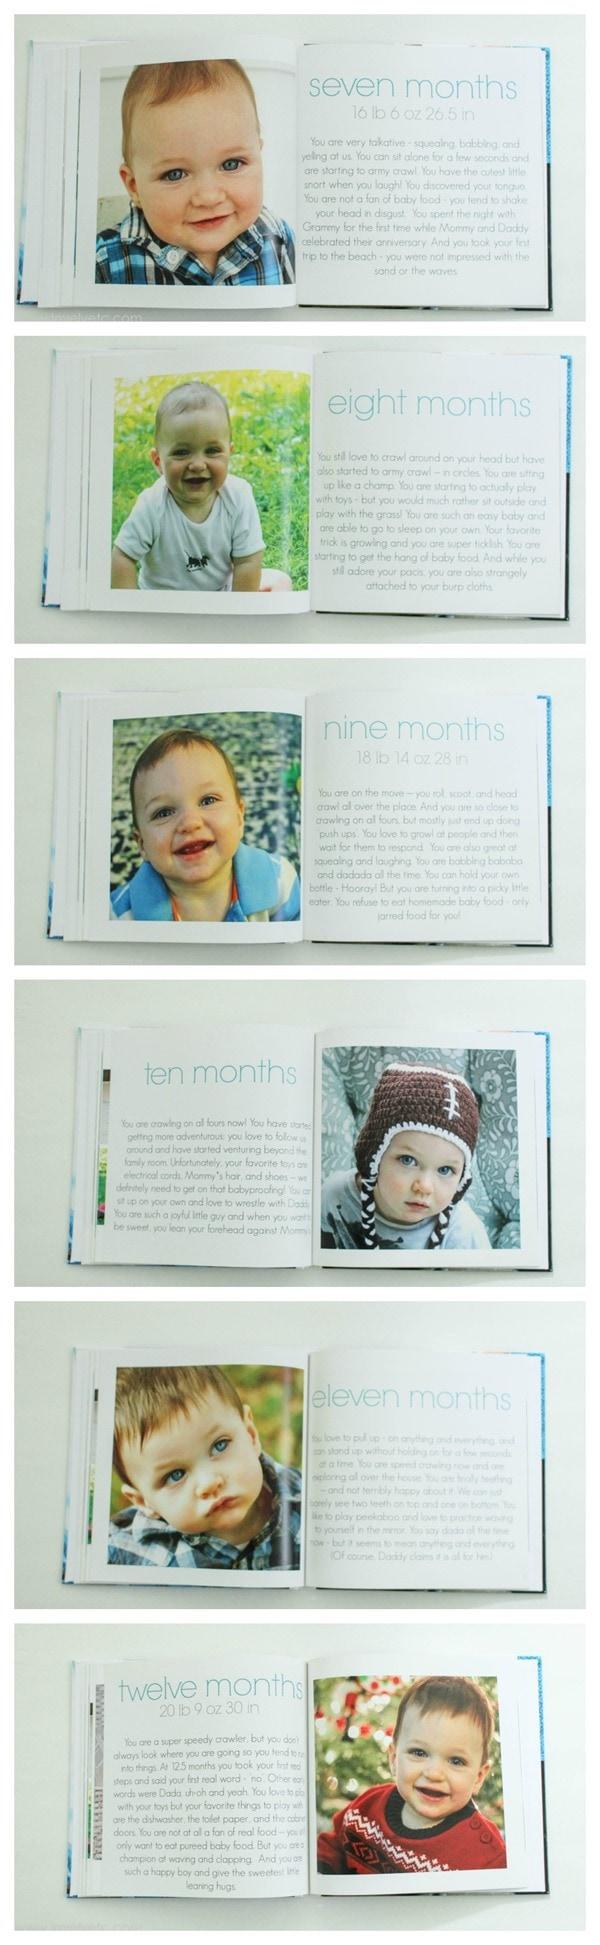 7 - 12 months